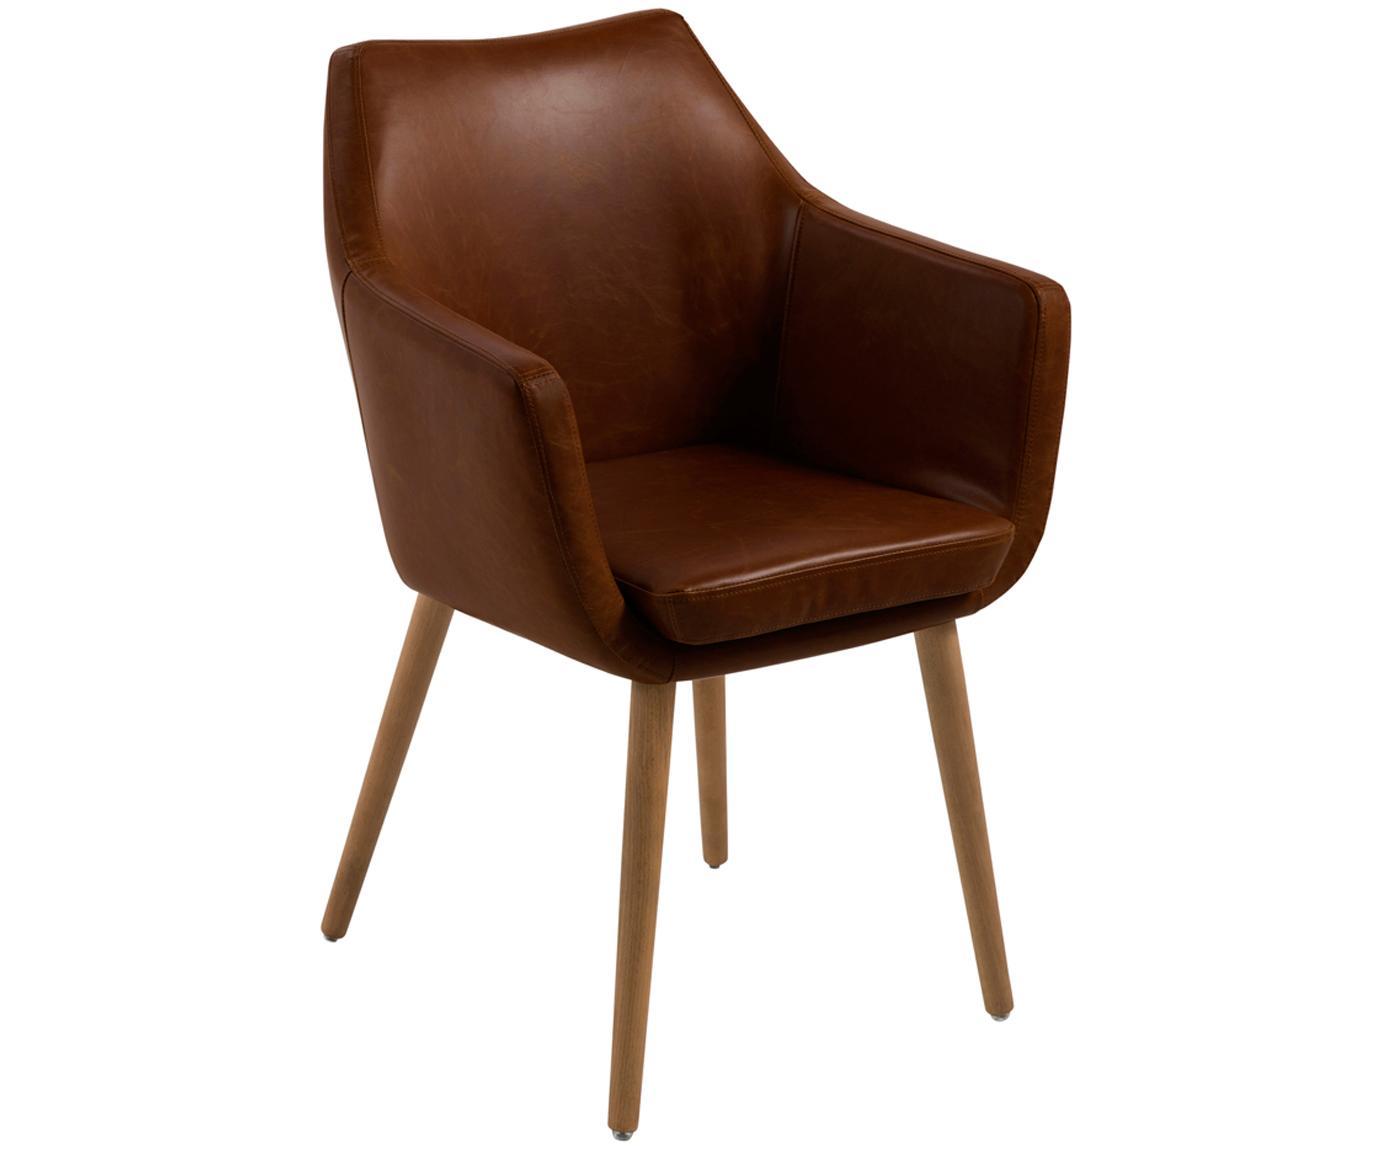 Sedia con braccioli  Nora, Rivestimento: pelle ecologica (poliuret, Gambe: legno di quercia, Similpelle marrone, gambe marrone scuro, Larg. 56 x Prof. 55 cm